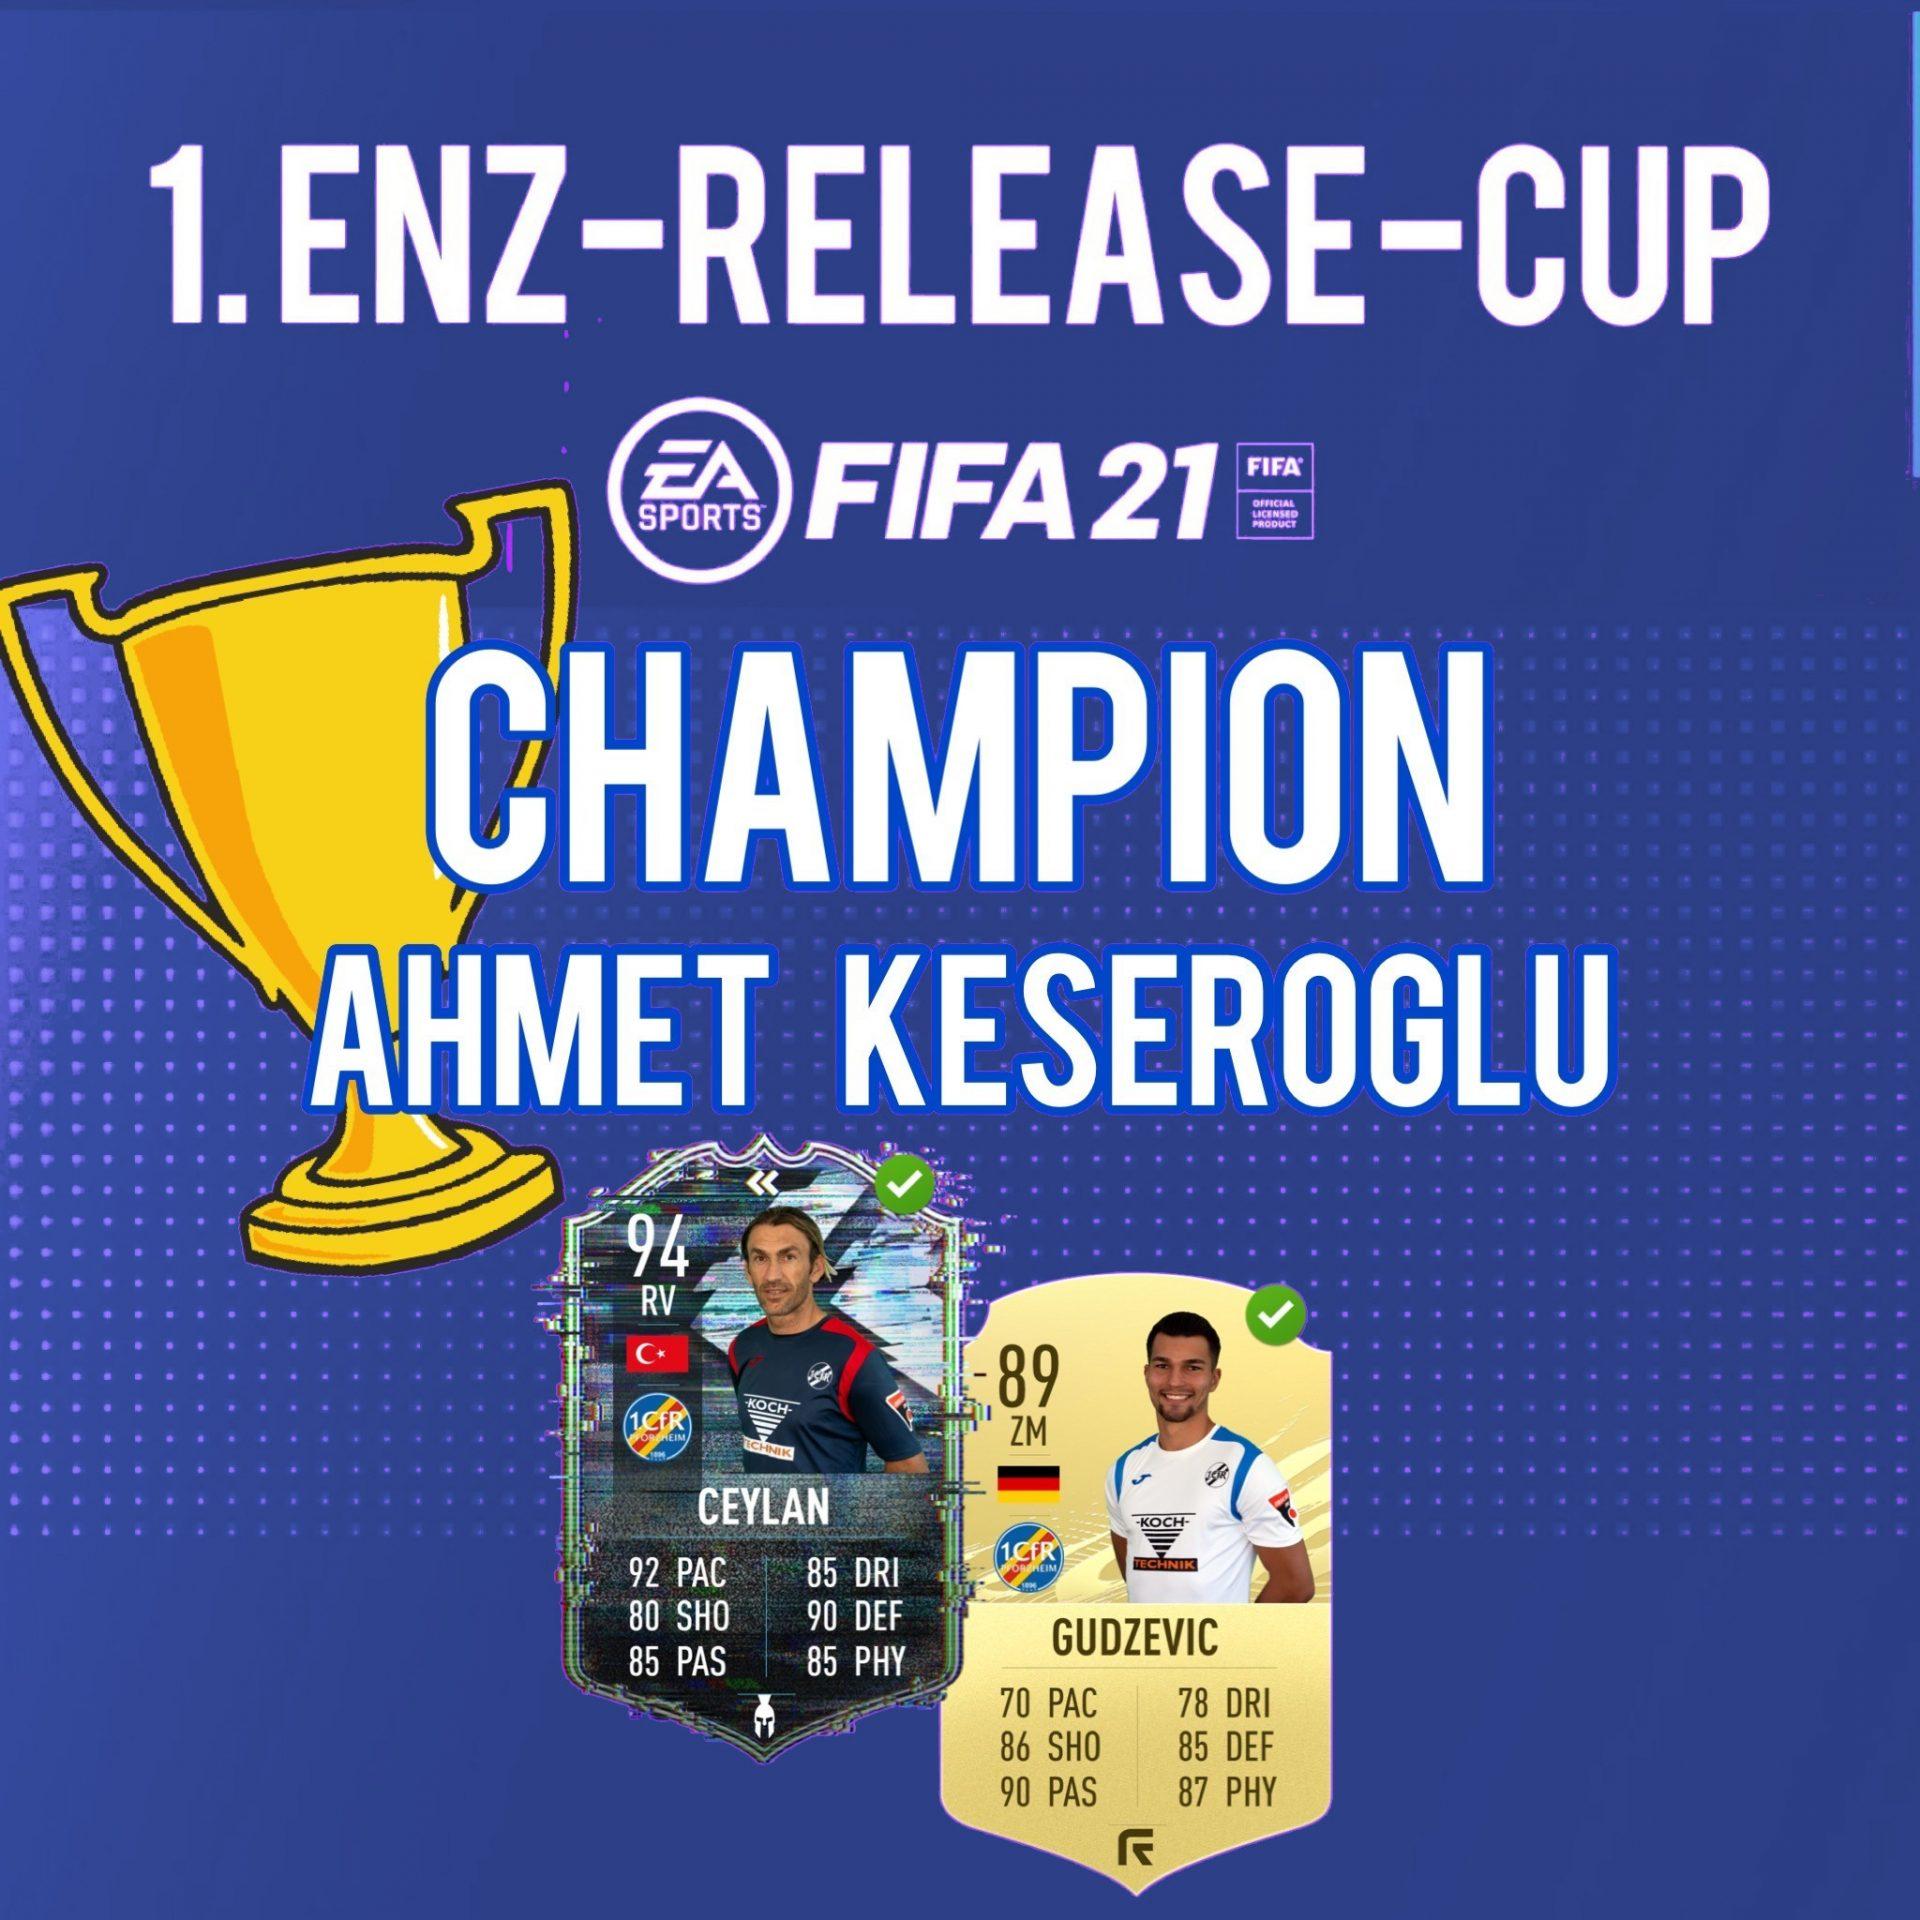 1. Enz-Release-Cup – Ahmet Keseroglu aus Stuttgart setzt sich die virtuelle Krone auf